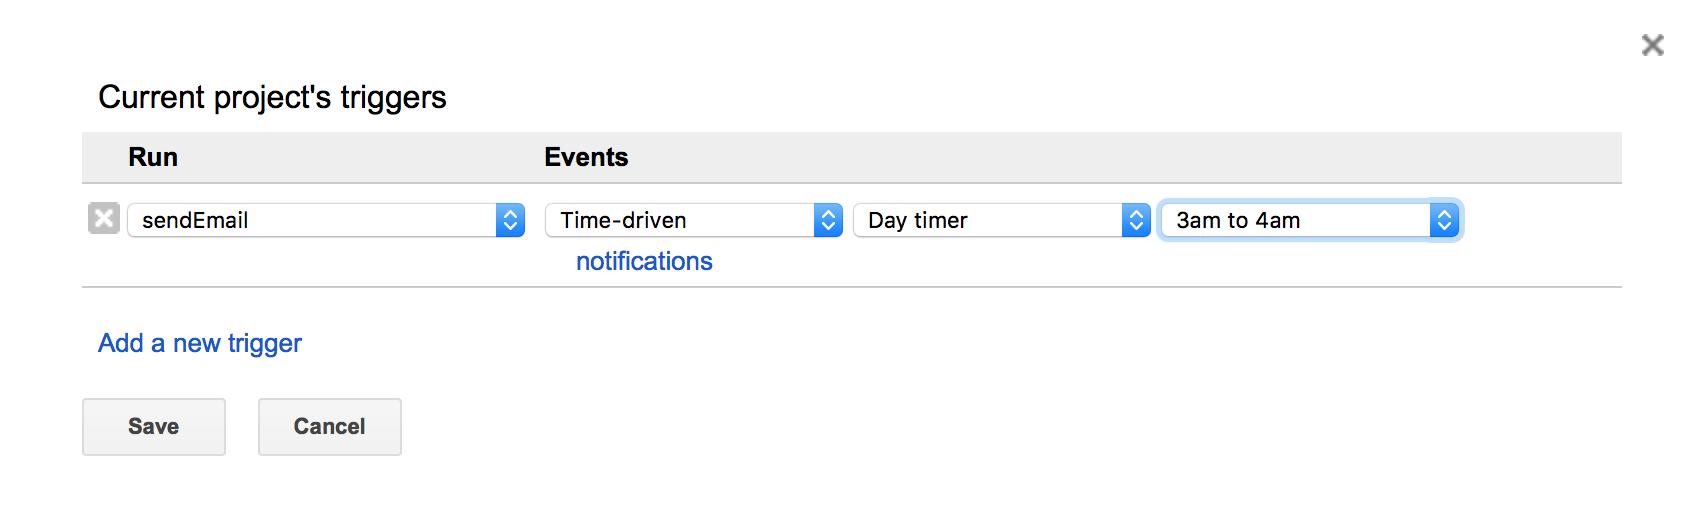 Google App Script - Project Triggers